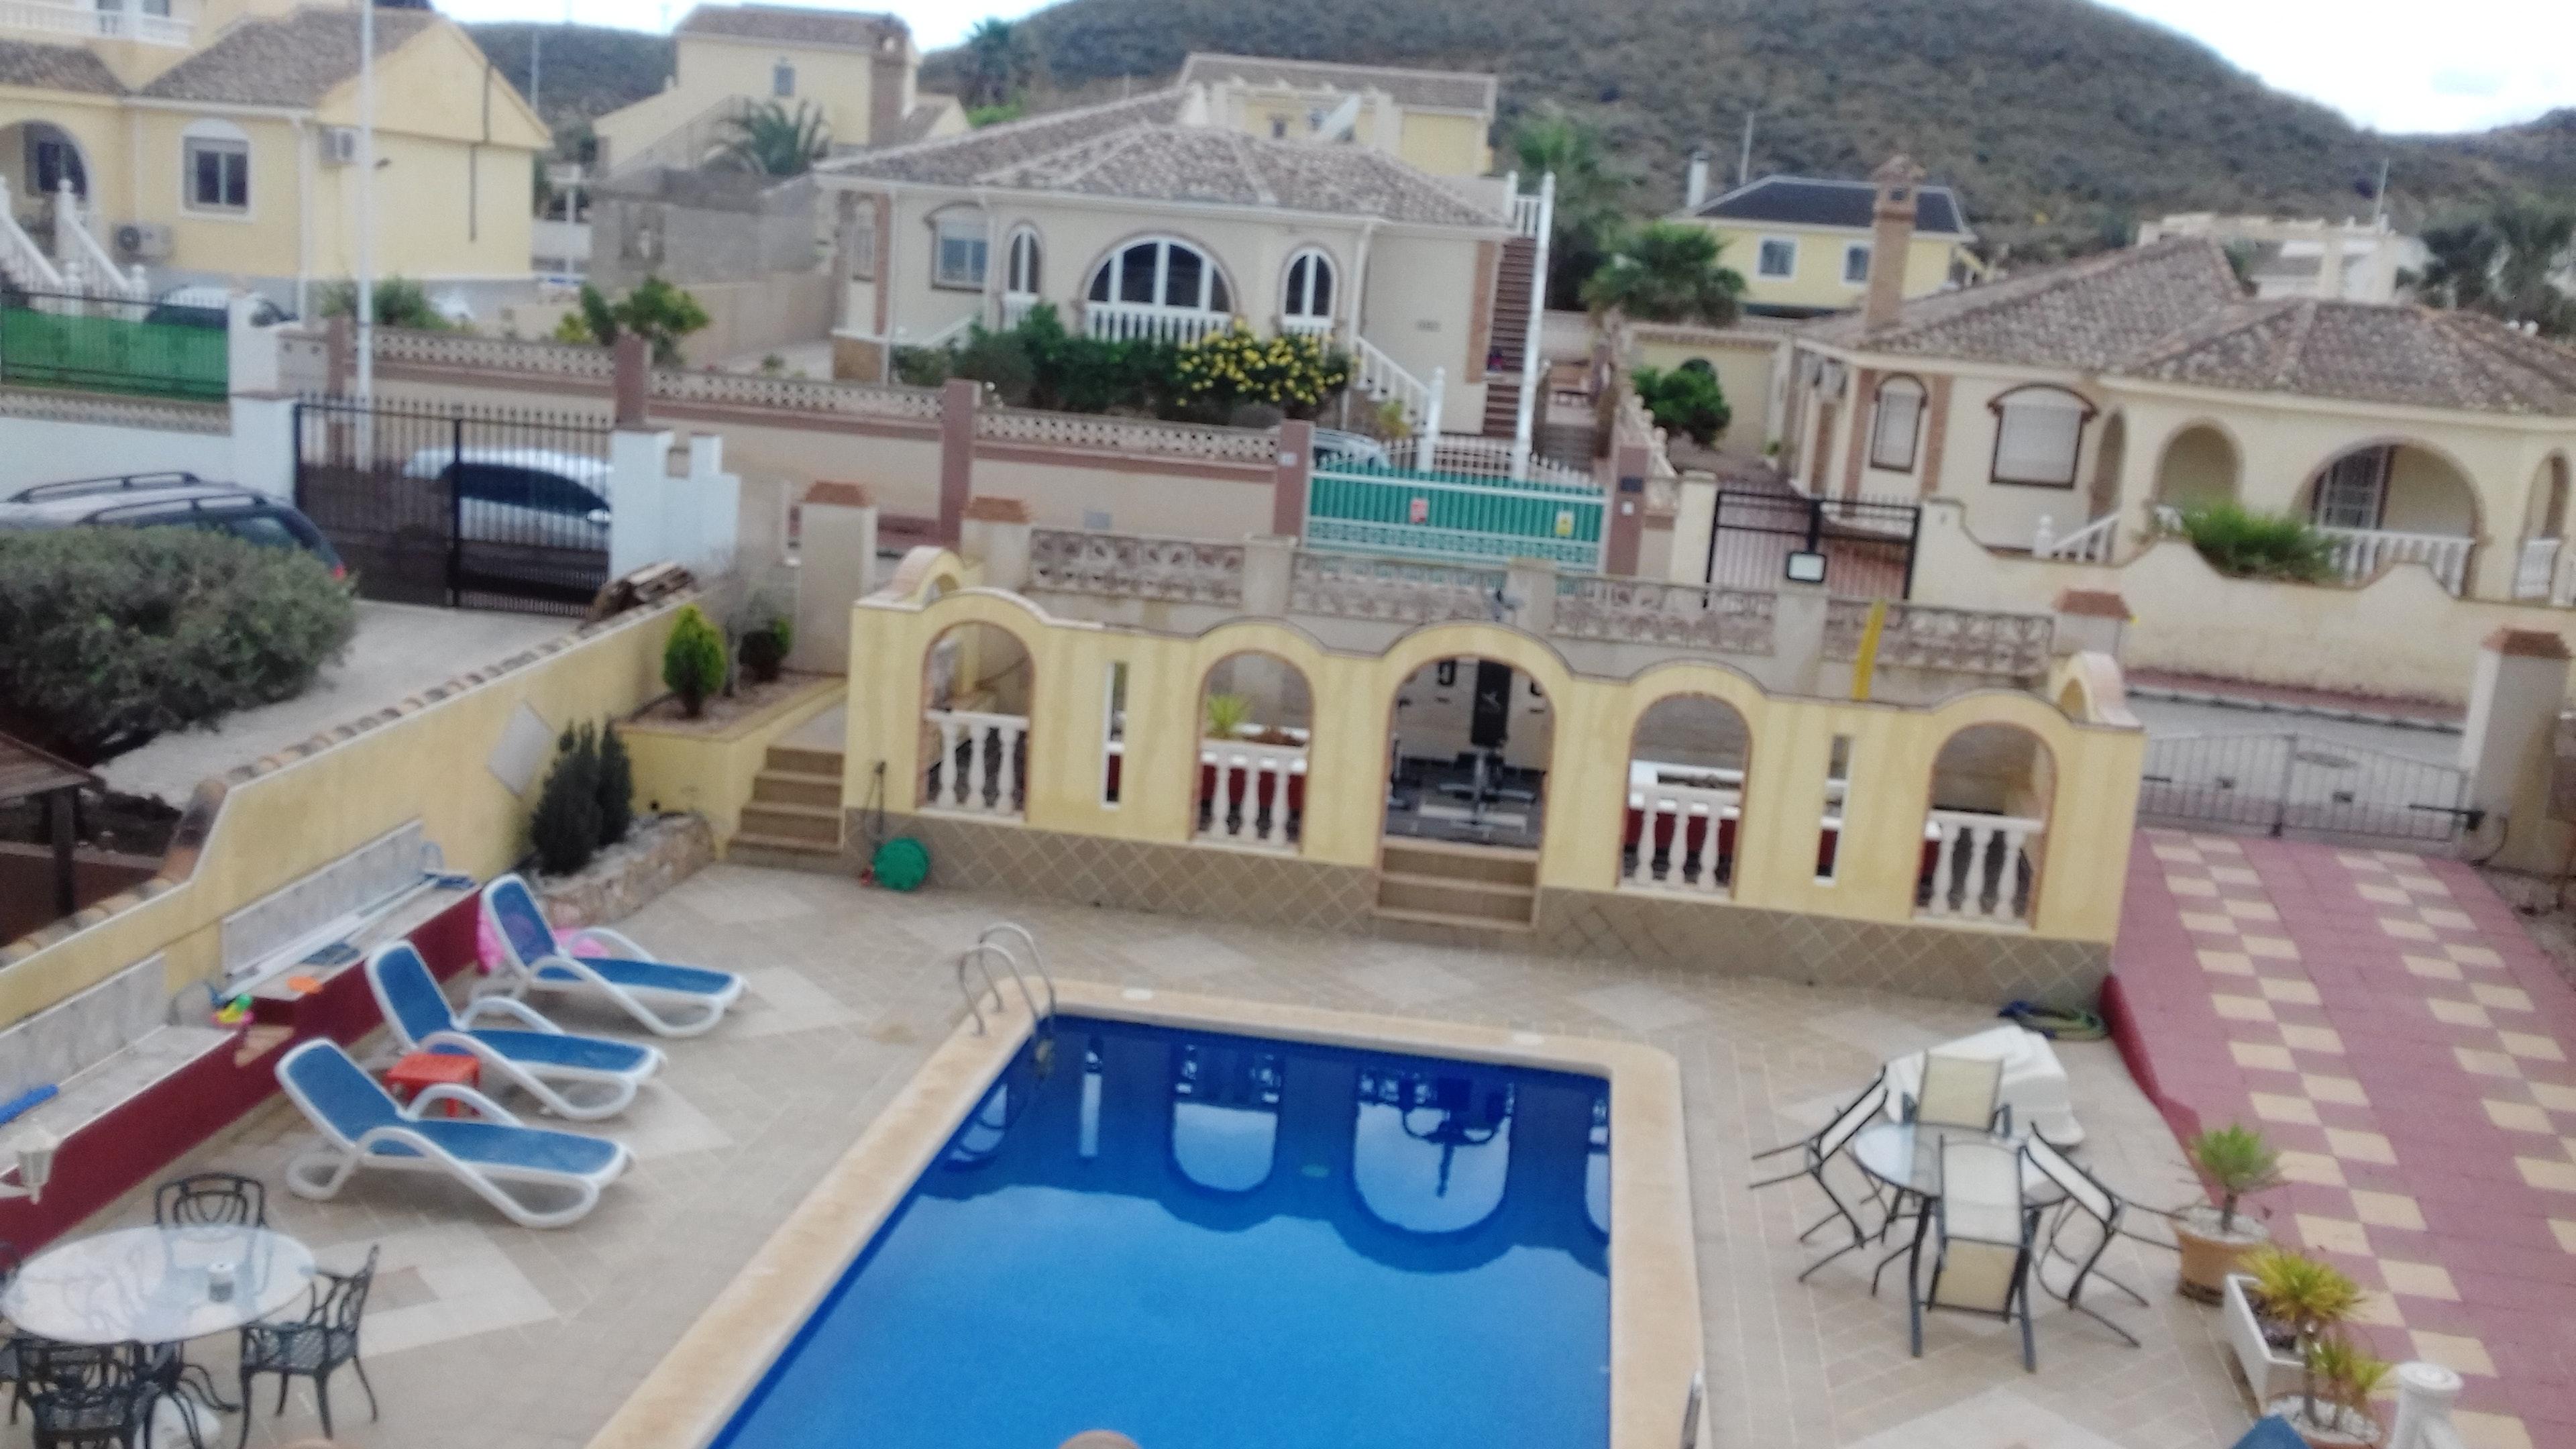 Appartement de vacances Wohnung mit 2 Schlafzimmern in Mazarrón mit toller Aussicht auf die Berge, privatem Pool,  (2632538), Mazarron, Costa Calida, Murcie, Espagne, image 45